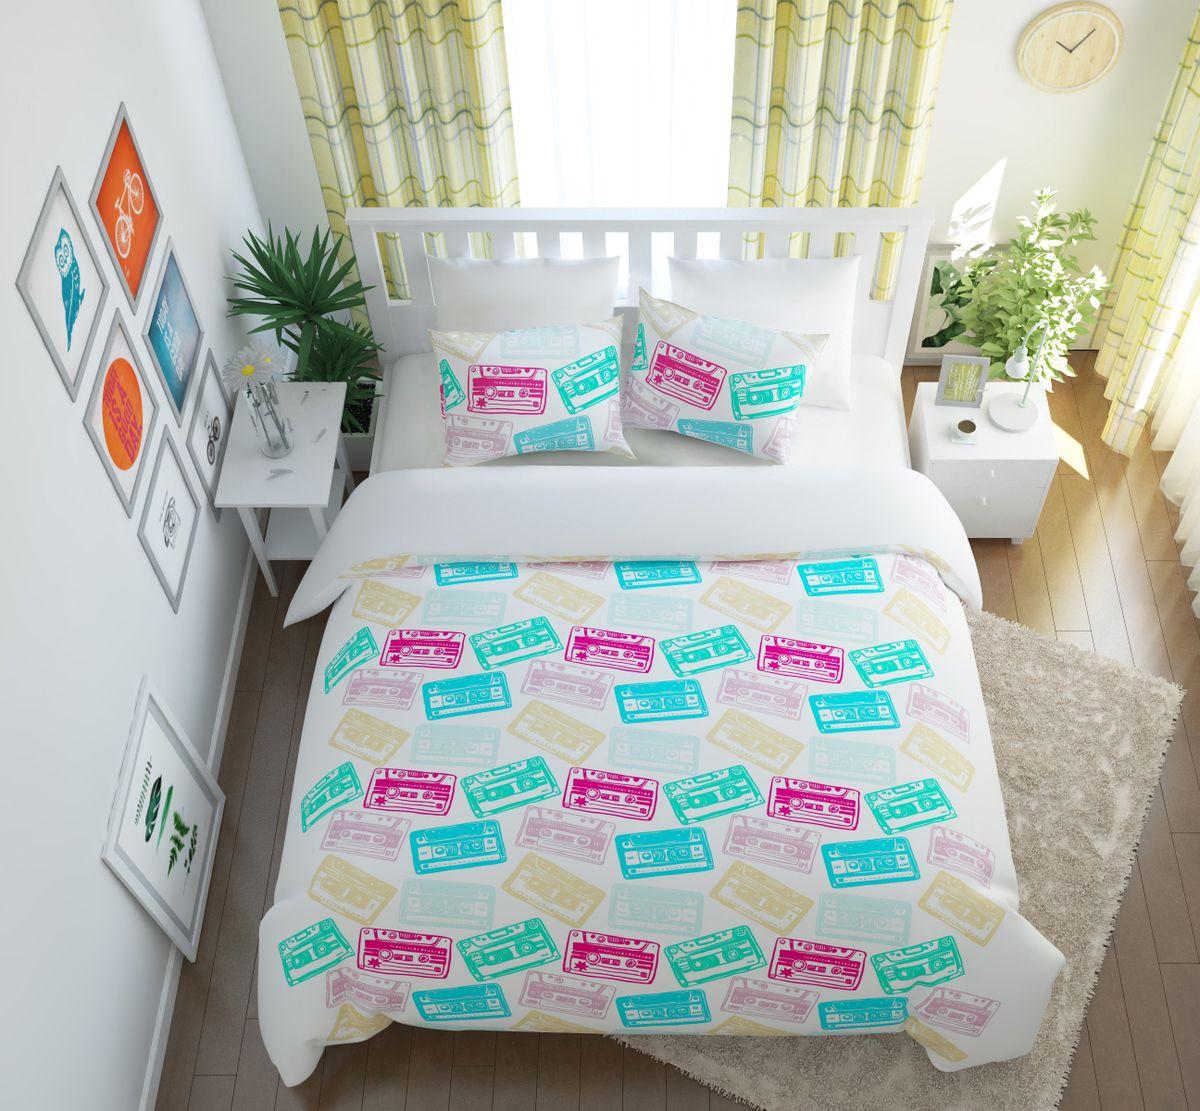 Комплект белья Сирень Фонотека, 1,5-спальный, наволочки 50x70391602Комплект постельного белья Сирень состоит из простыни, пододеяльника и 2 наволочек. Комплект выполнен из современных гипоаллергенных материалов. Приятный при прикосновении сатин - гарантия здорового, спокойного сна. Ткань хорошо впитывает влагу, надолго сохраняет яркость красок. Четкий, изящный рисунок в сочетании с насыщенными красками делает комплект постельного белья неповторимой изюминкой любого интерьера. Постельное белье идеально подойдет для подарка.